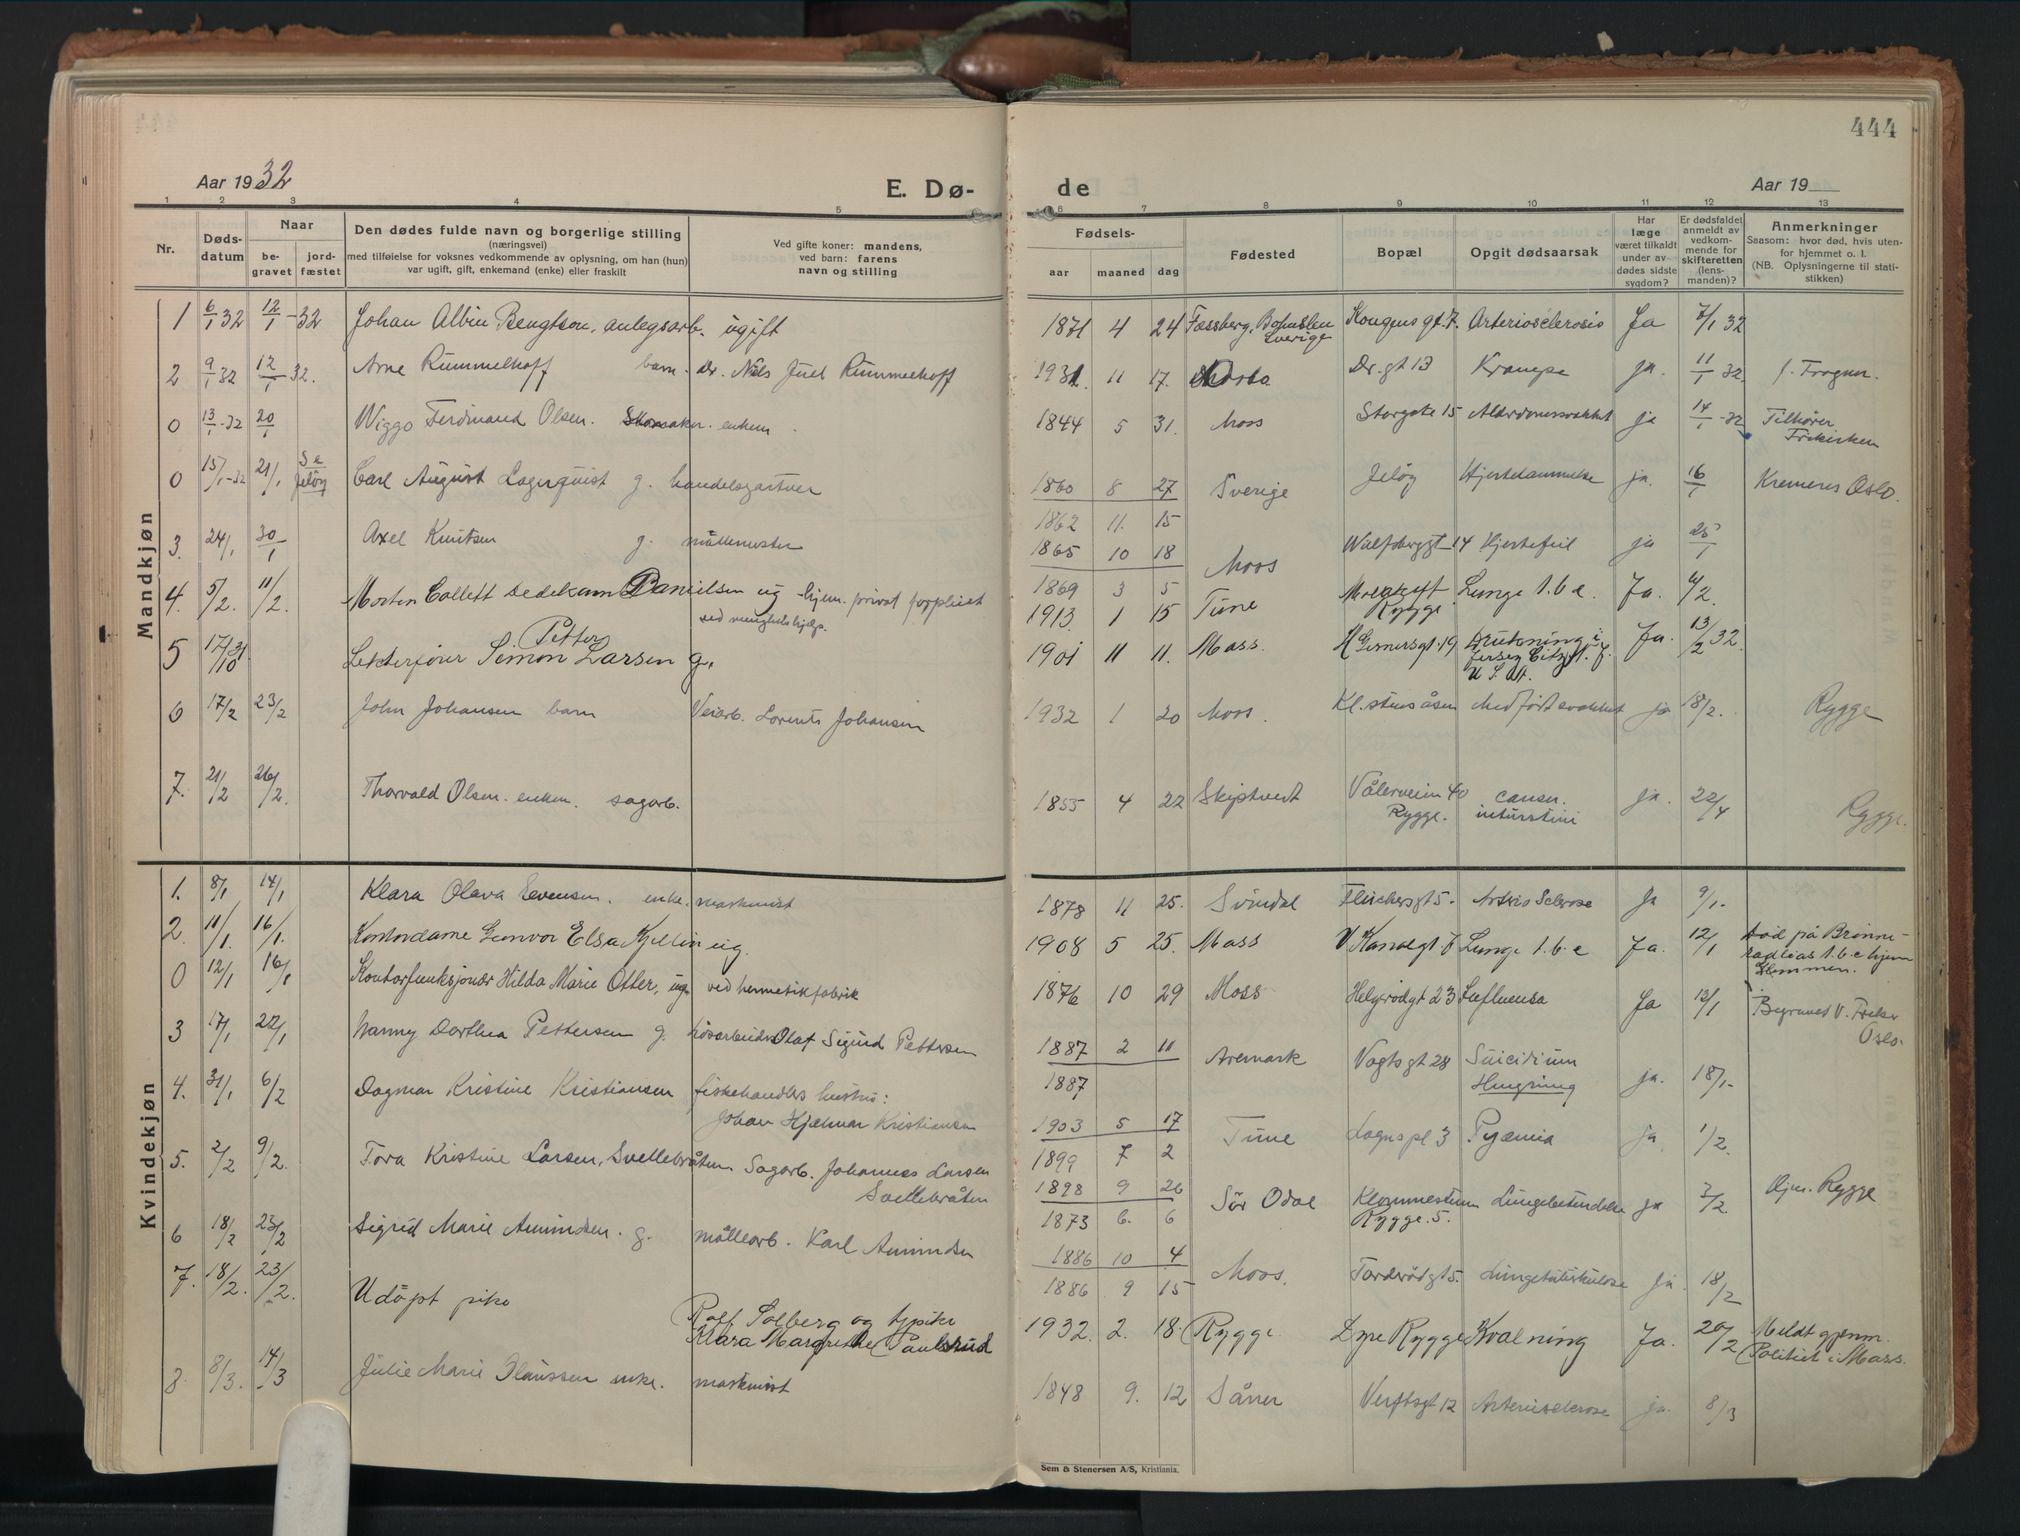 SAO, Moss prestekontor Kirkebøker, F/Fb/Fab/L0006: Ministerialbok nr. II 6, 1924-1932, s. 444